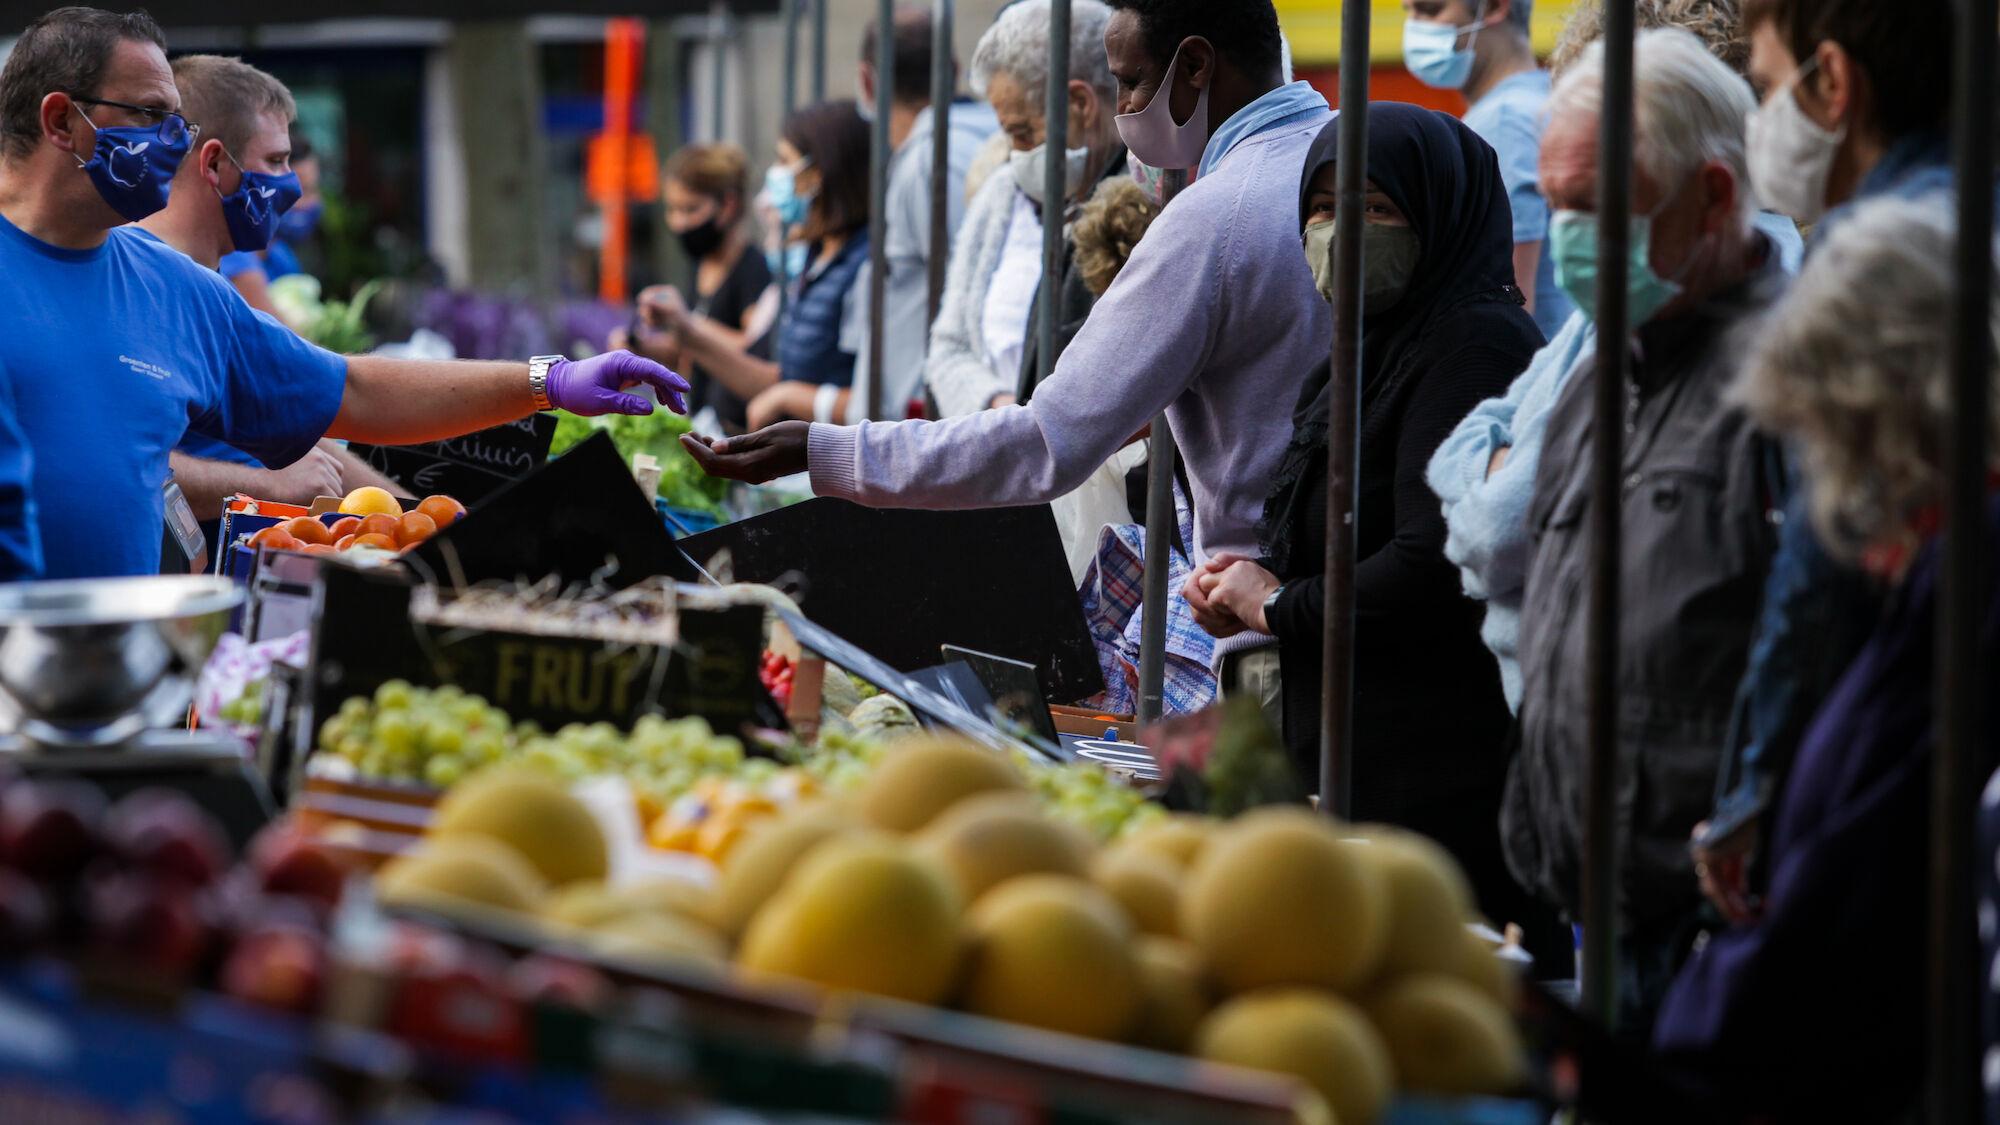 2020-09-20 Wijk 9 Bloemekeswijk Markt Van Beverenplein IMG_9578.jpg